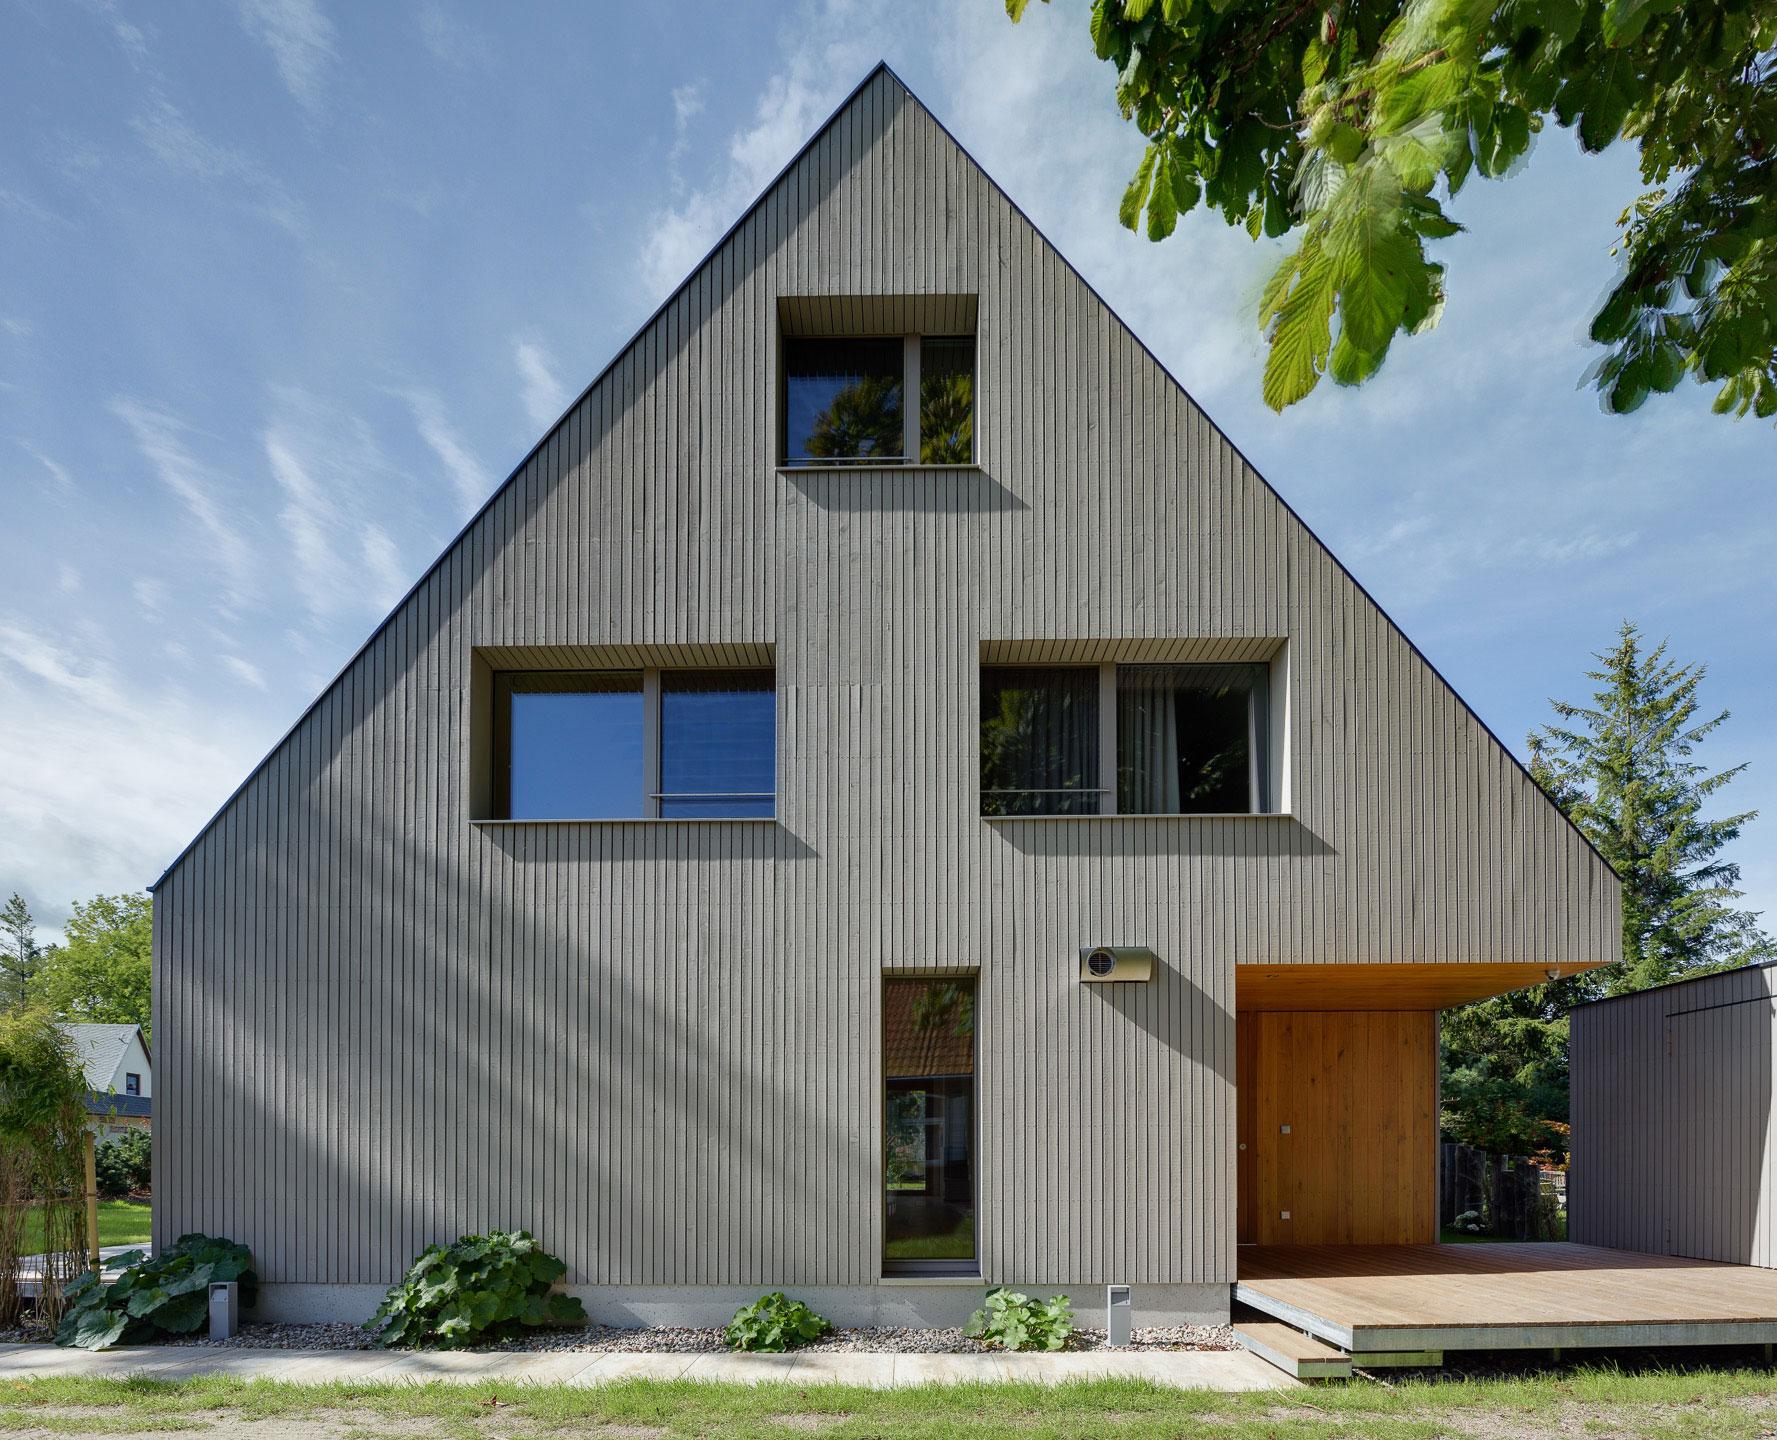 moehring-architekten 04